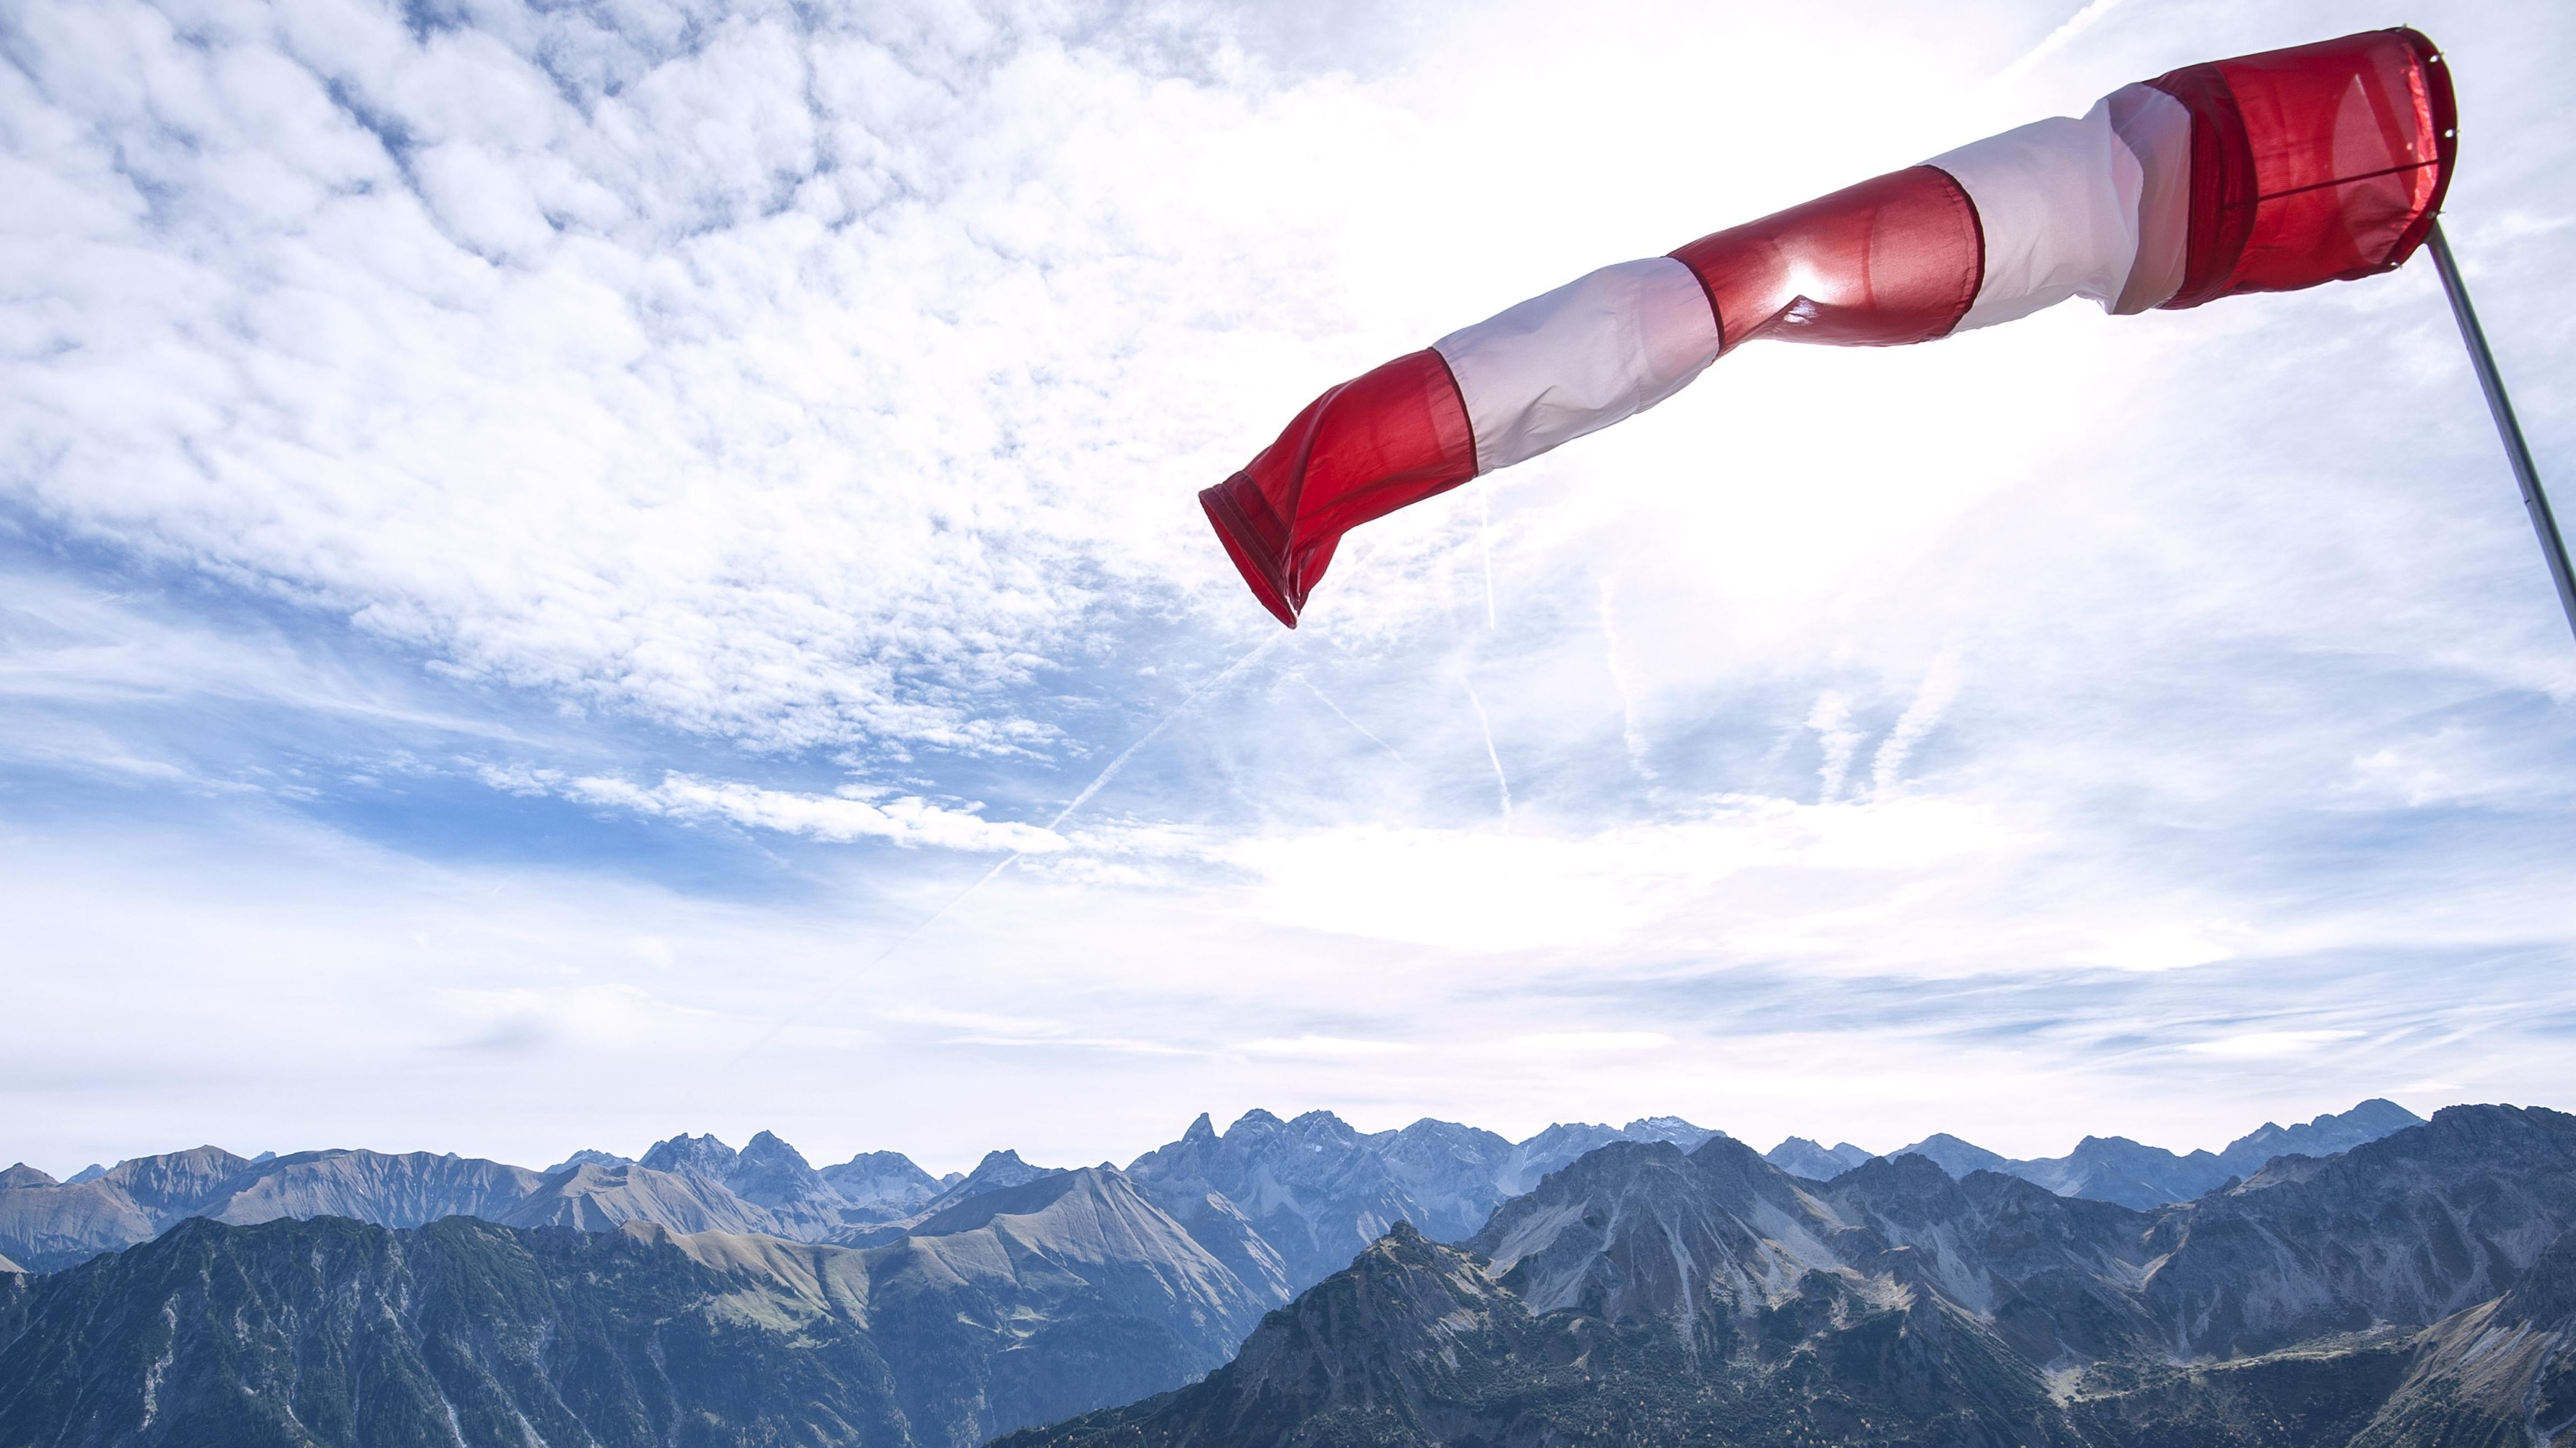 Windhose in den Alpen